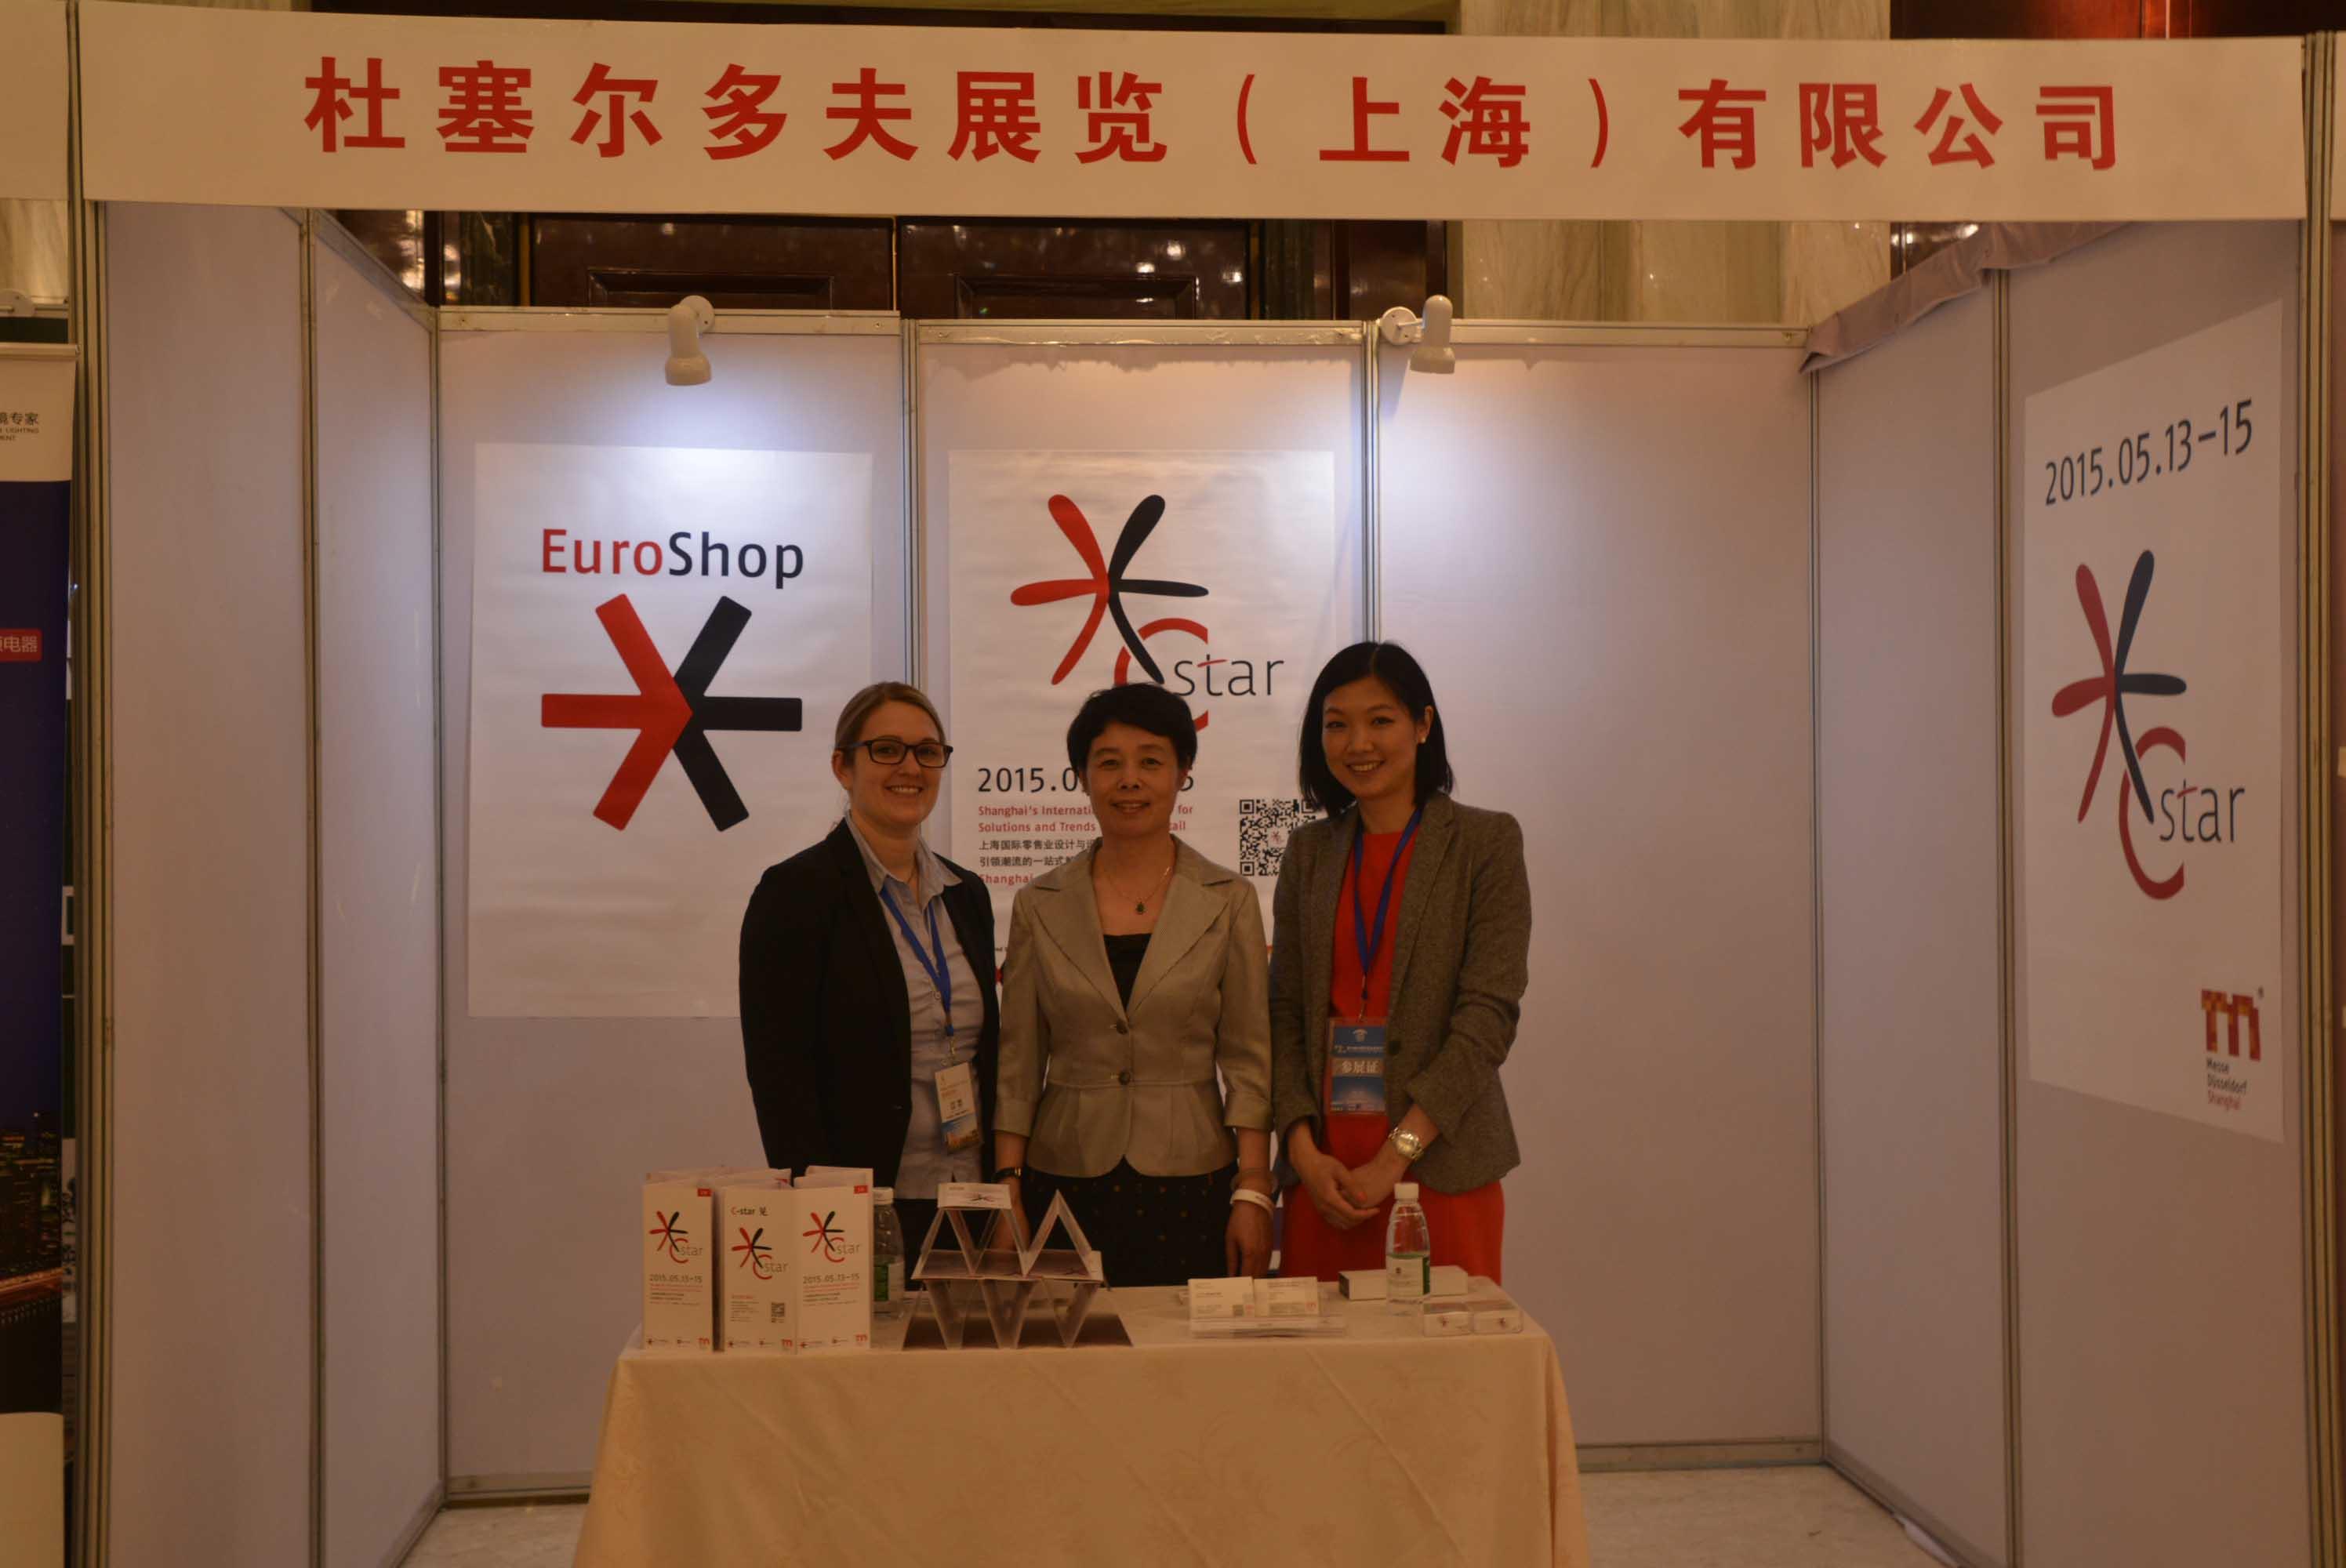 C-star祝贺第十三届中国百货业高峰论坛圆满落幕与会代表对C-star展会及会议反馈积极